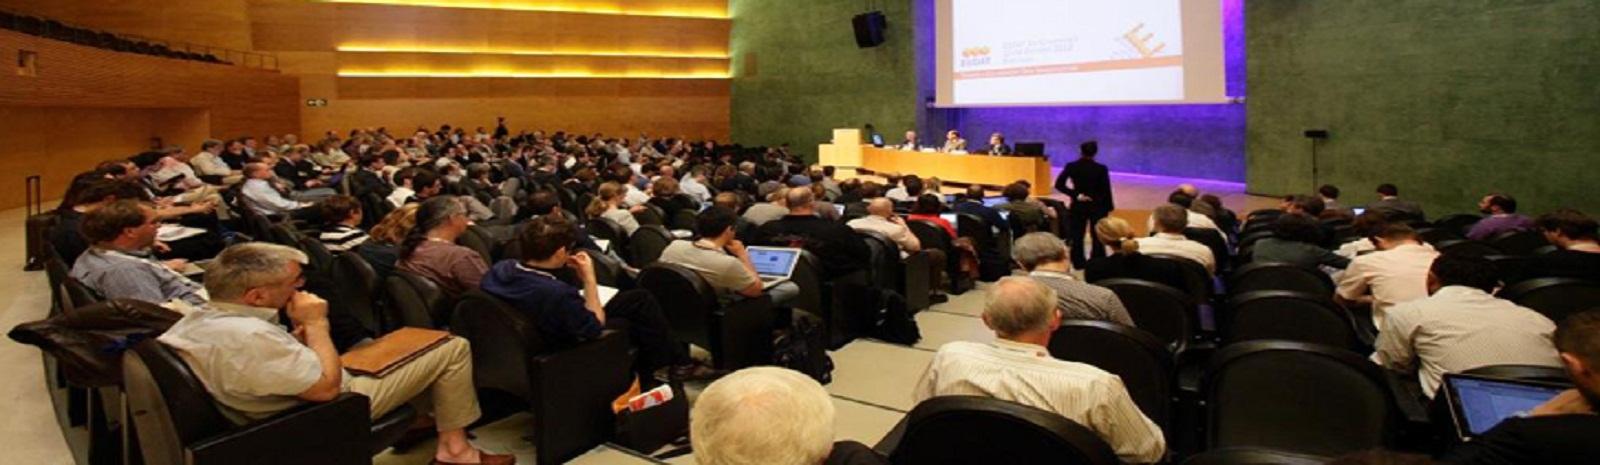 conferences-srd